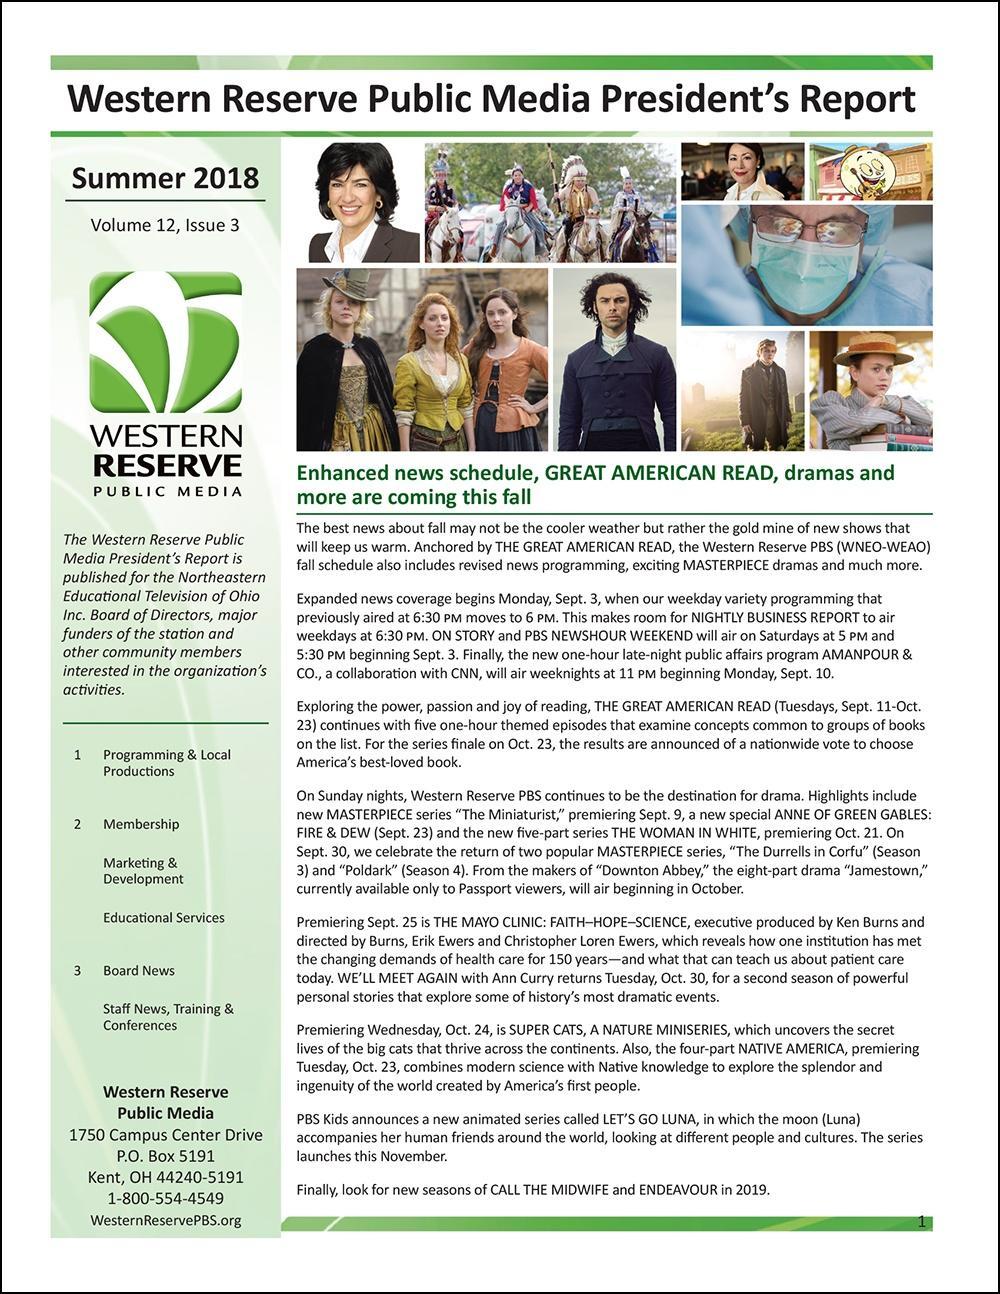 Summer 2018 - Volume 12, Issue 3